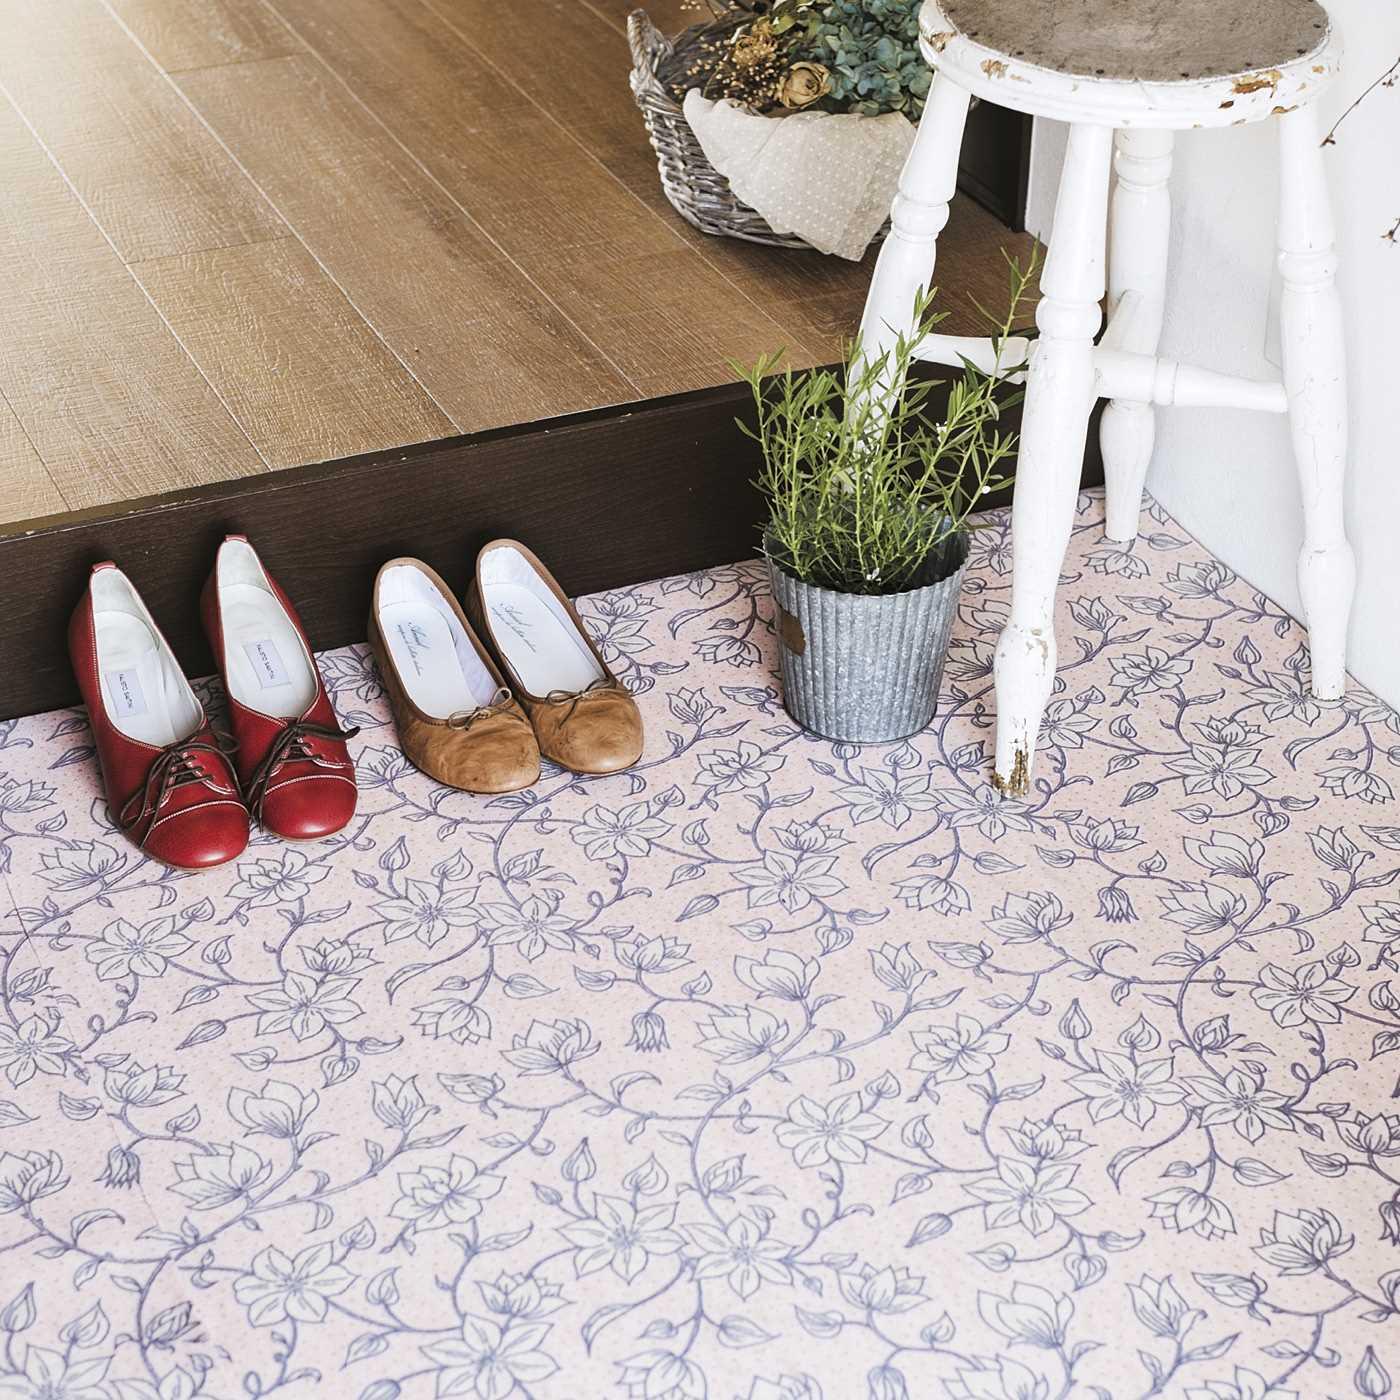 花咲く床にリメイク 抗菌防臭フロアシートの会